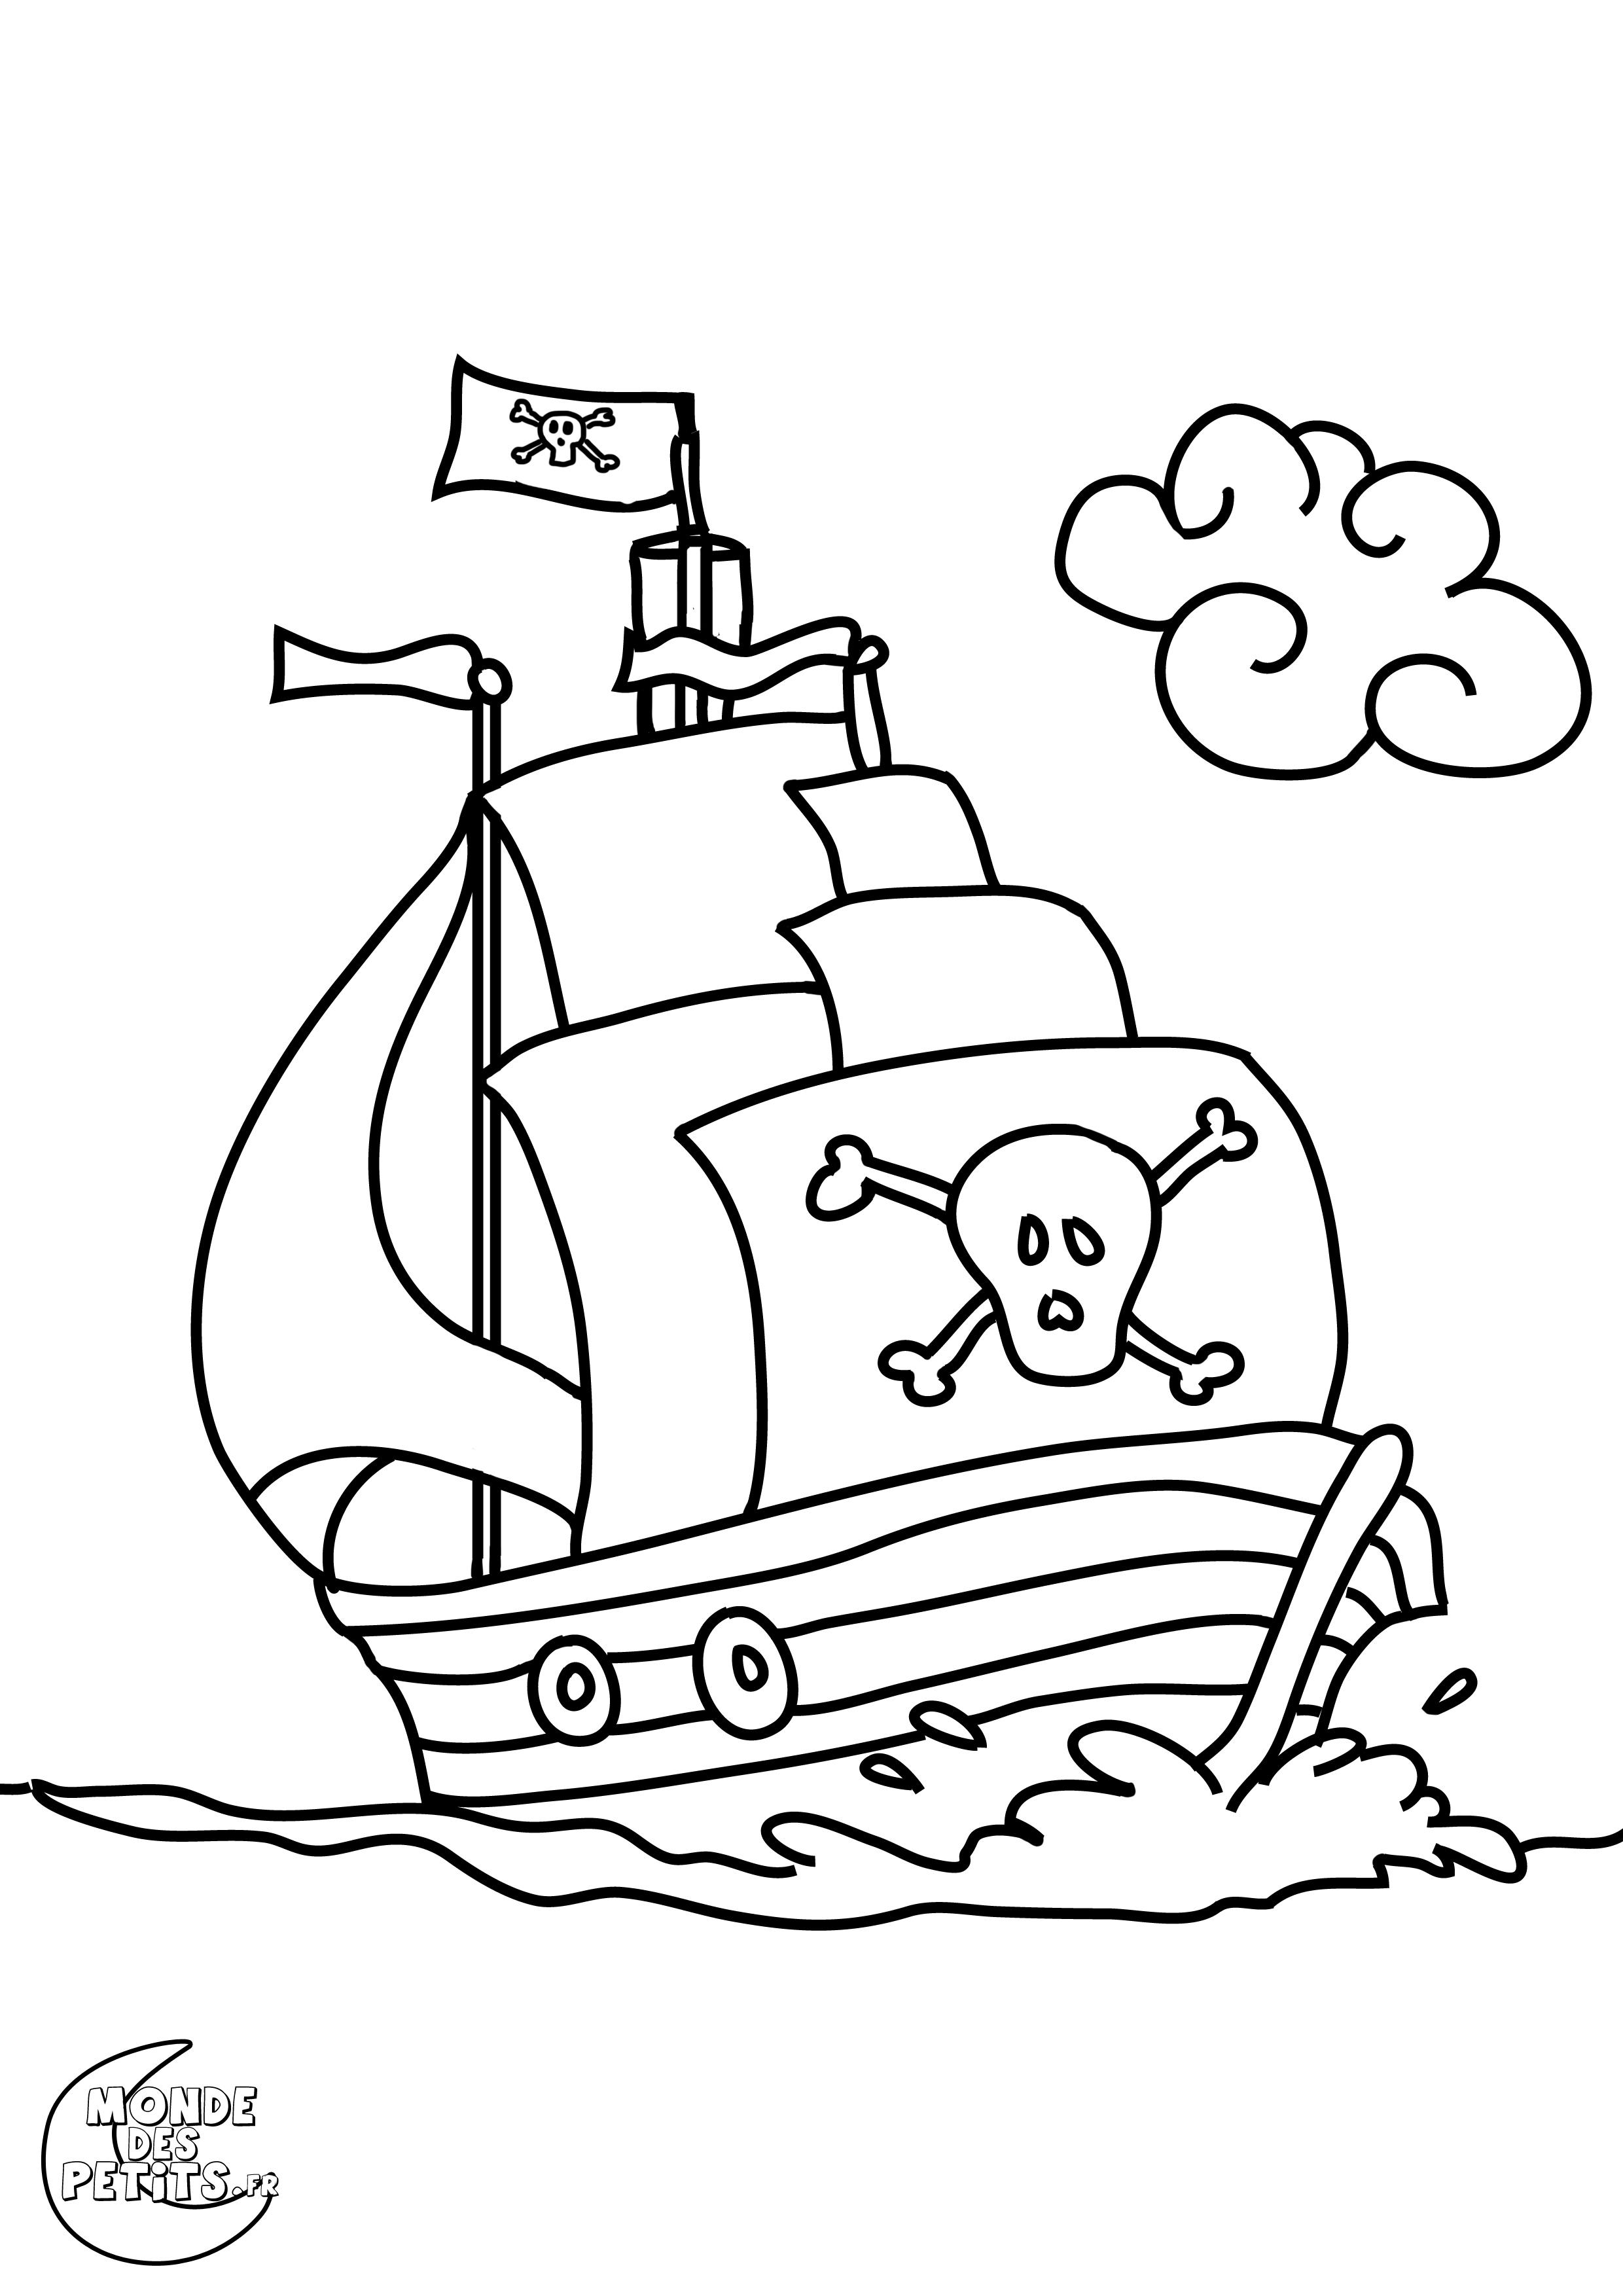 29 Dessins De Coloriage Pirate À Imprimer dedans Dessin À Colorier Garçon